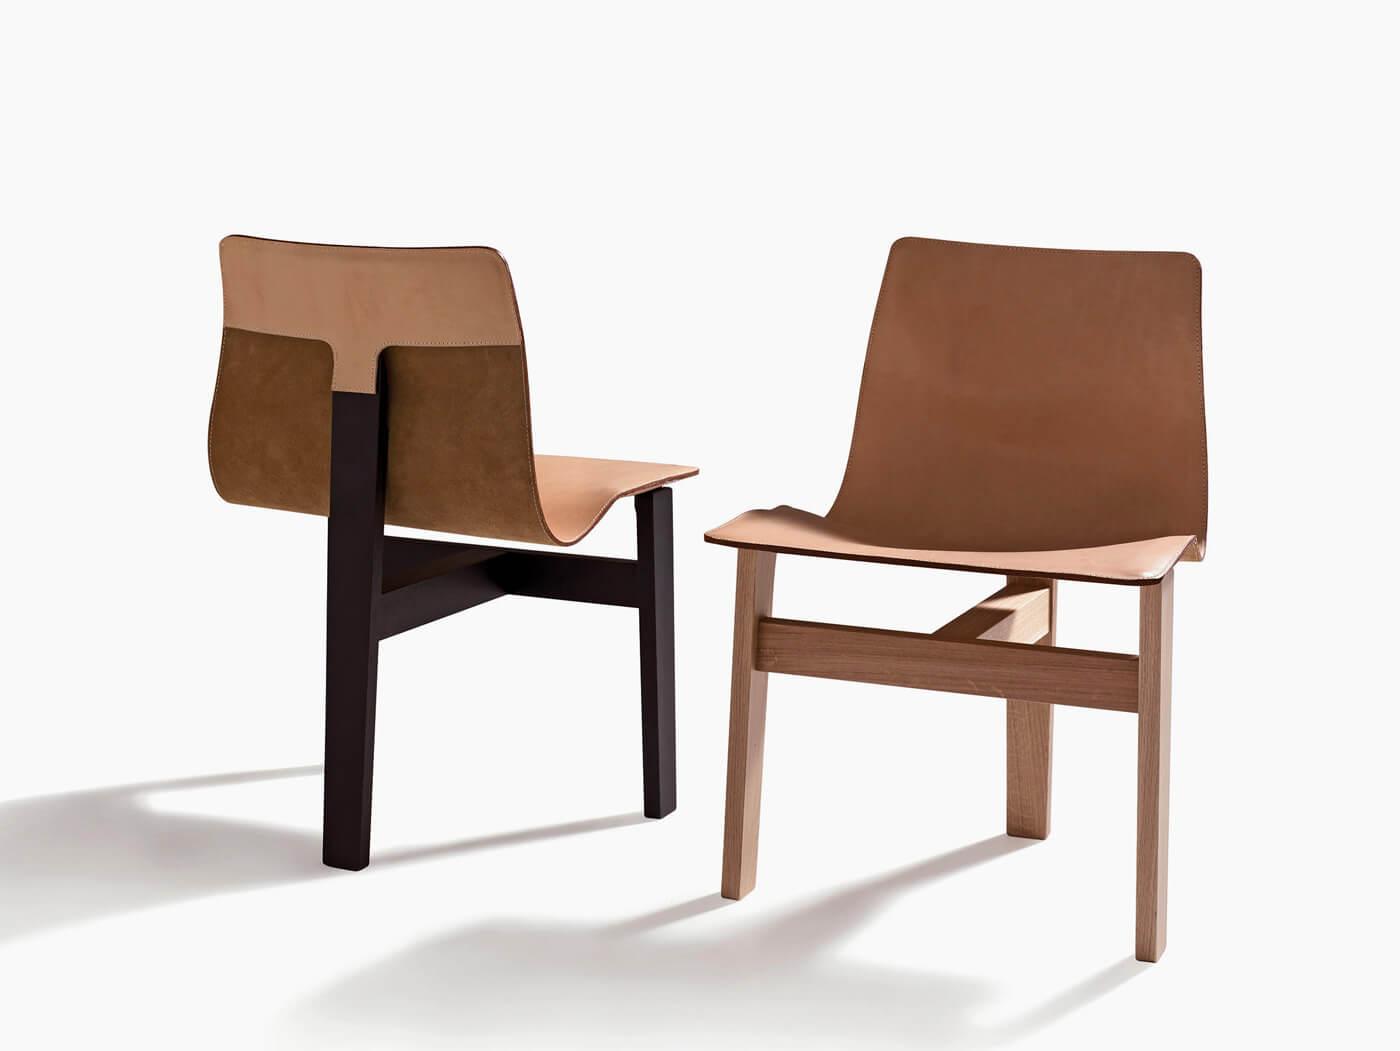 TinnappleMetz-agapecase-mangiarotti-Tre-3-Chair-03